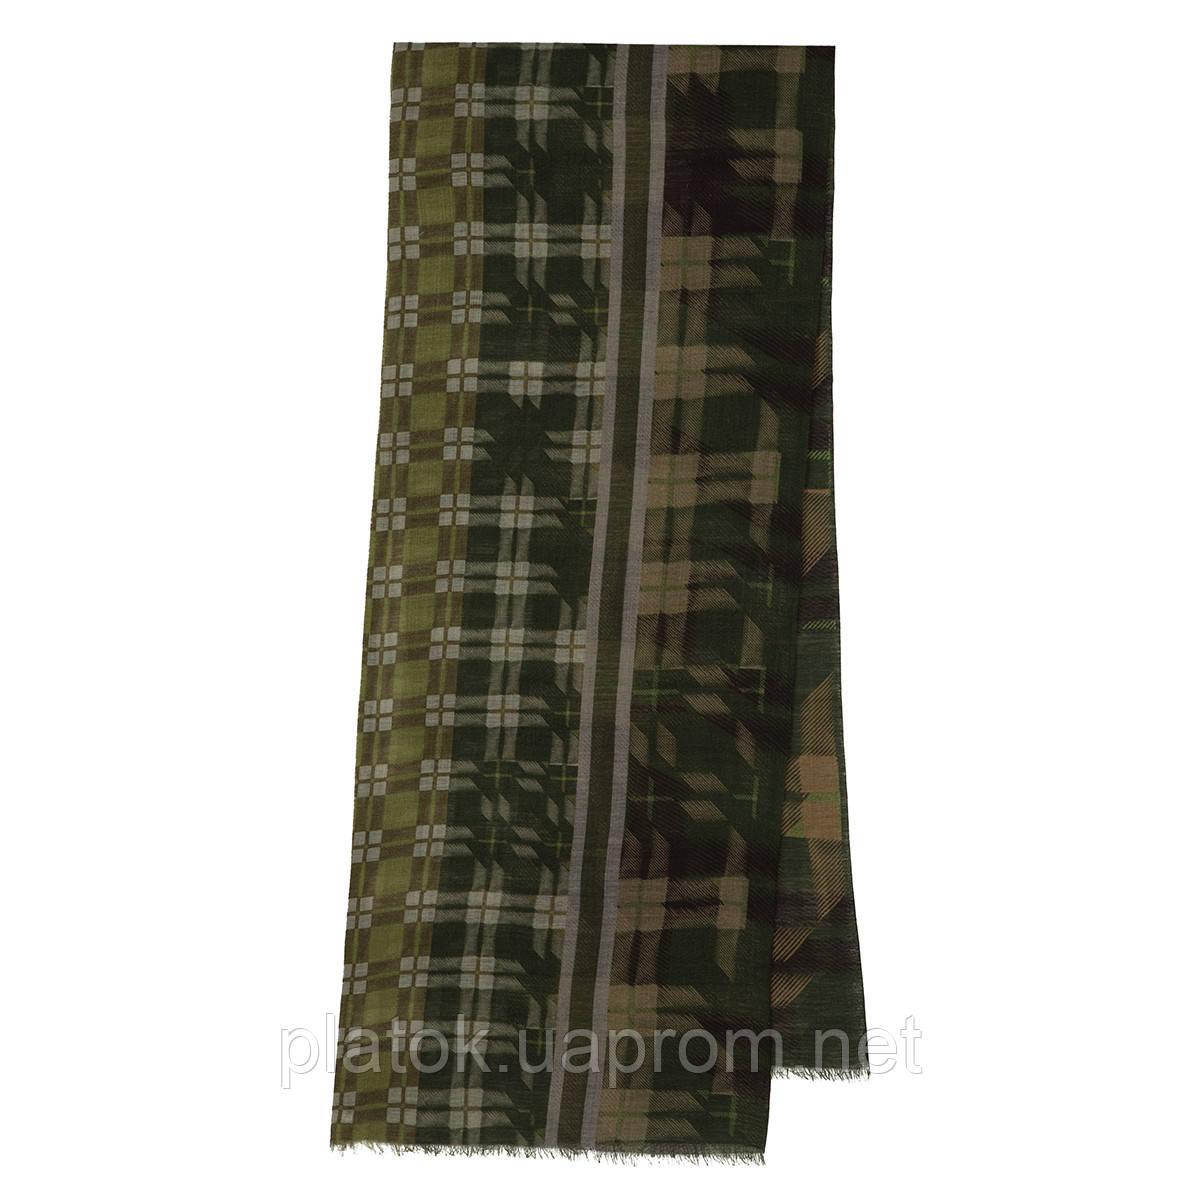 10371-10 кашне мужское, павлопосадский шарф (кашне) шерстяной (разреженная шерсть) с осыпкой